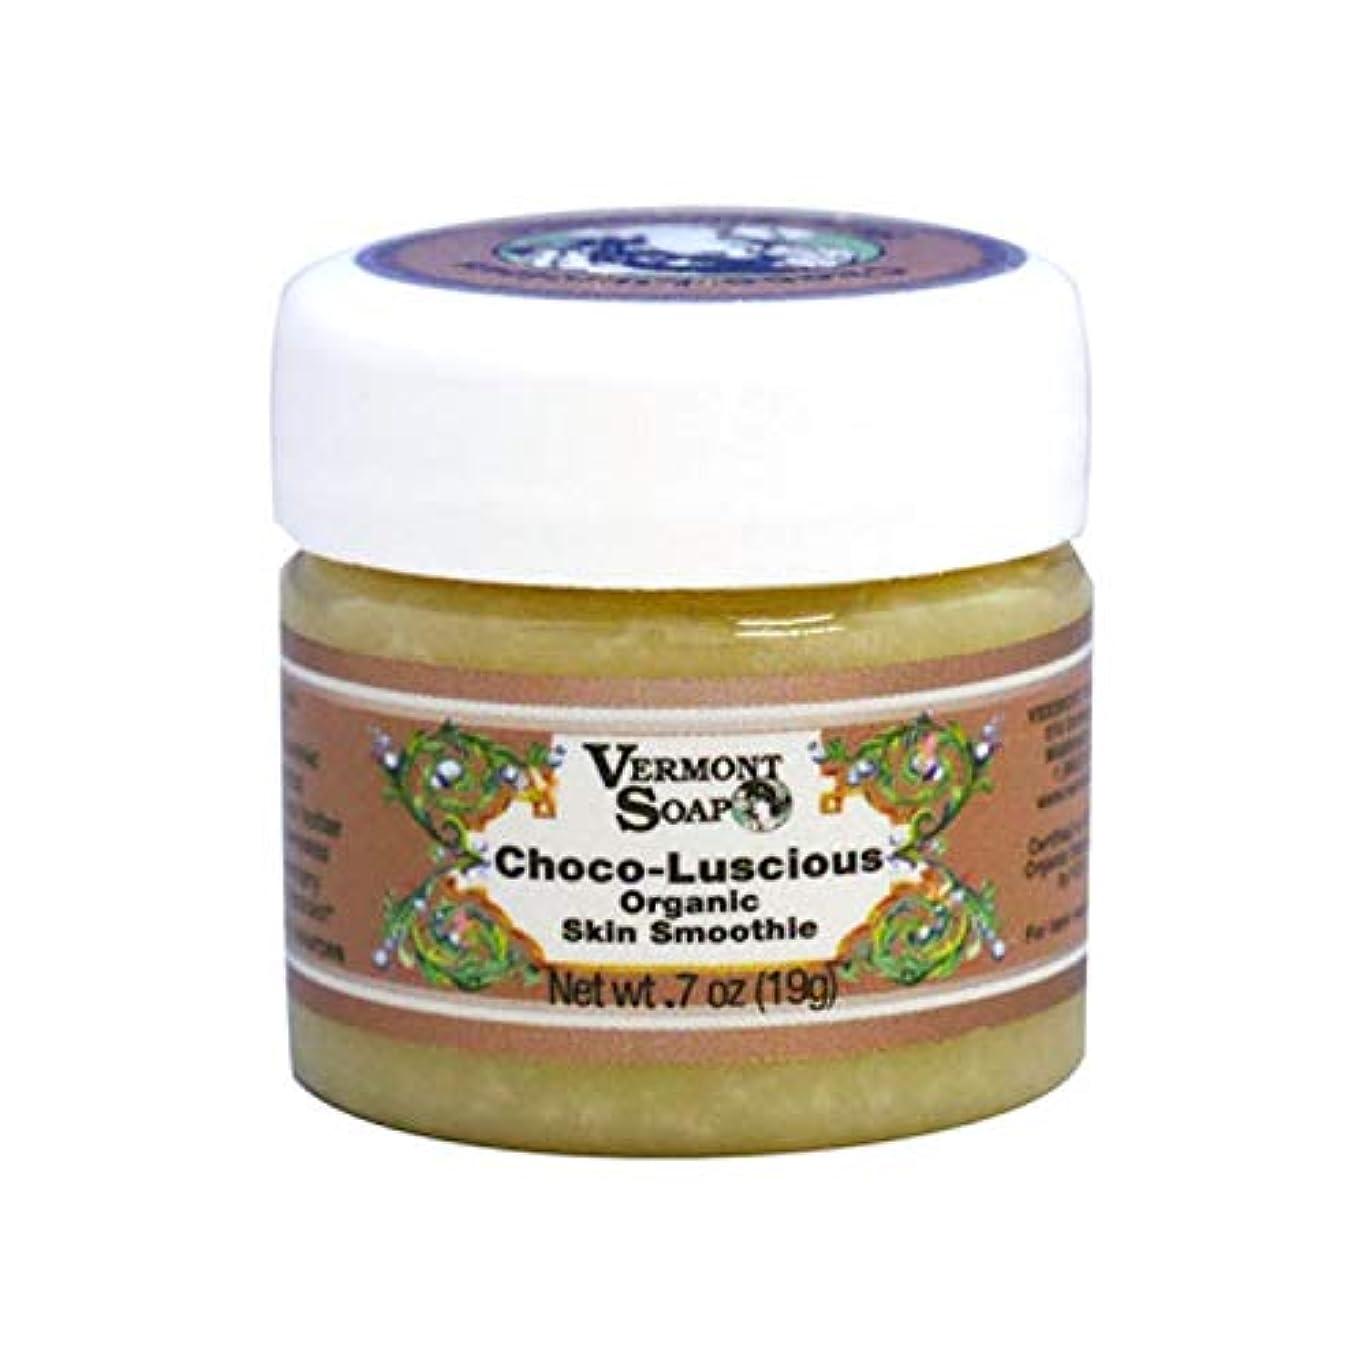 鉱石太鼓腹またはどちらかバーモントソープ スキンスムージ (チョコ) オーガニック 保湿クリーム 乾燥肌用 19g